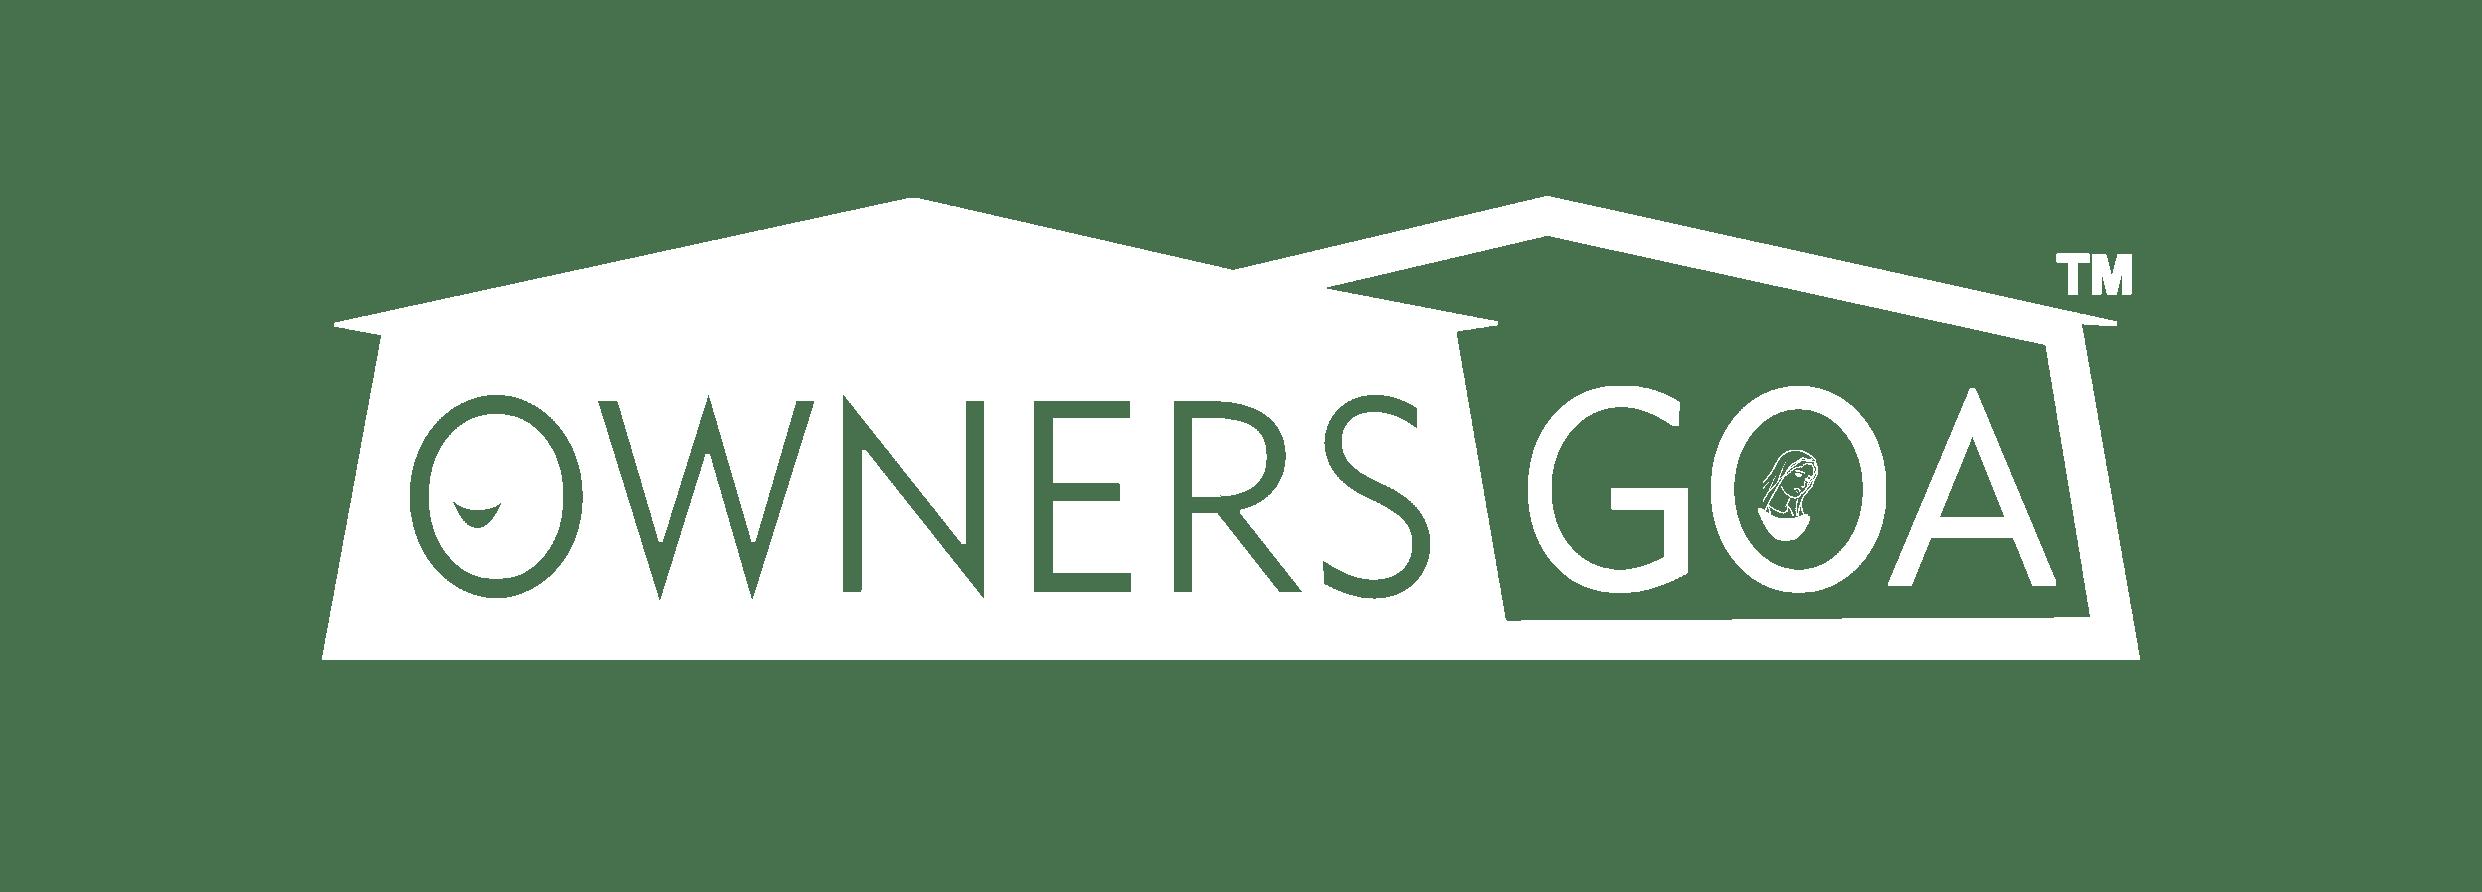 Owners Goa